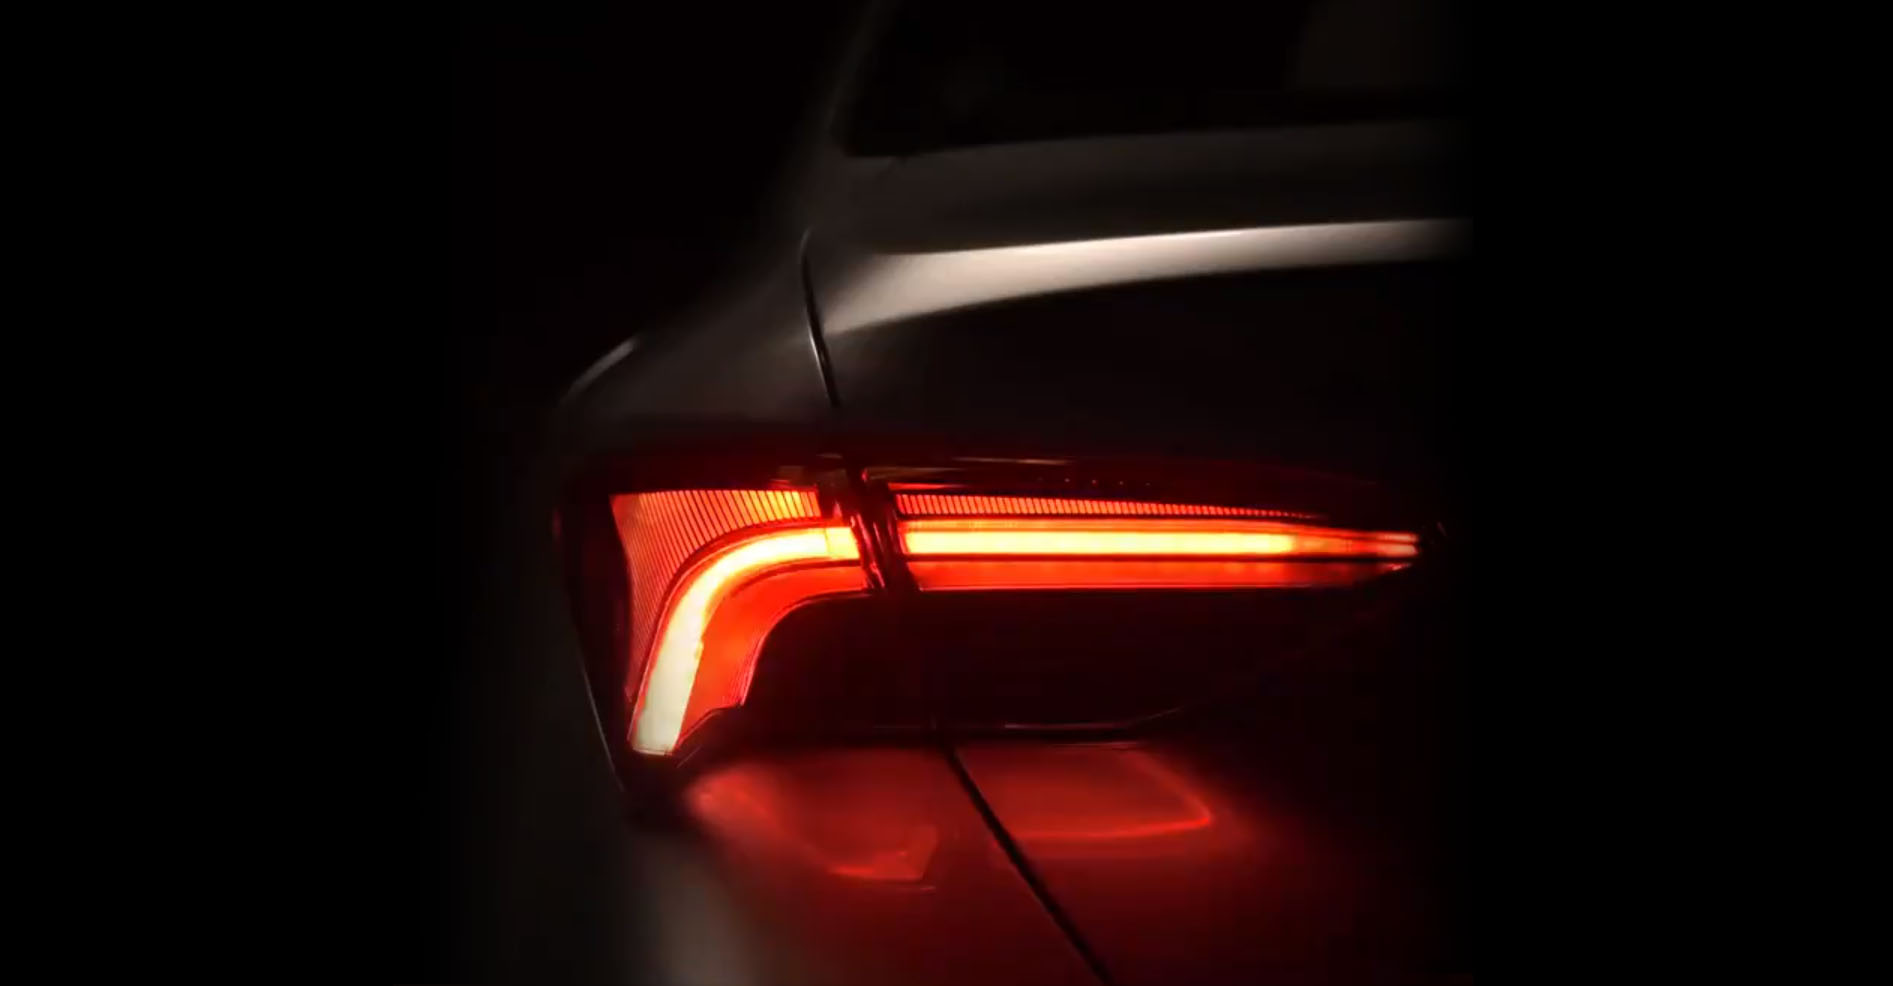 Тоёта показала заднюю оптику нового седана Тойота Avalon